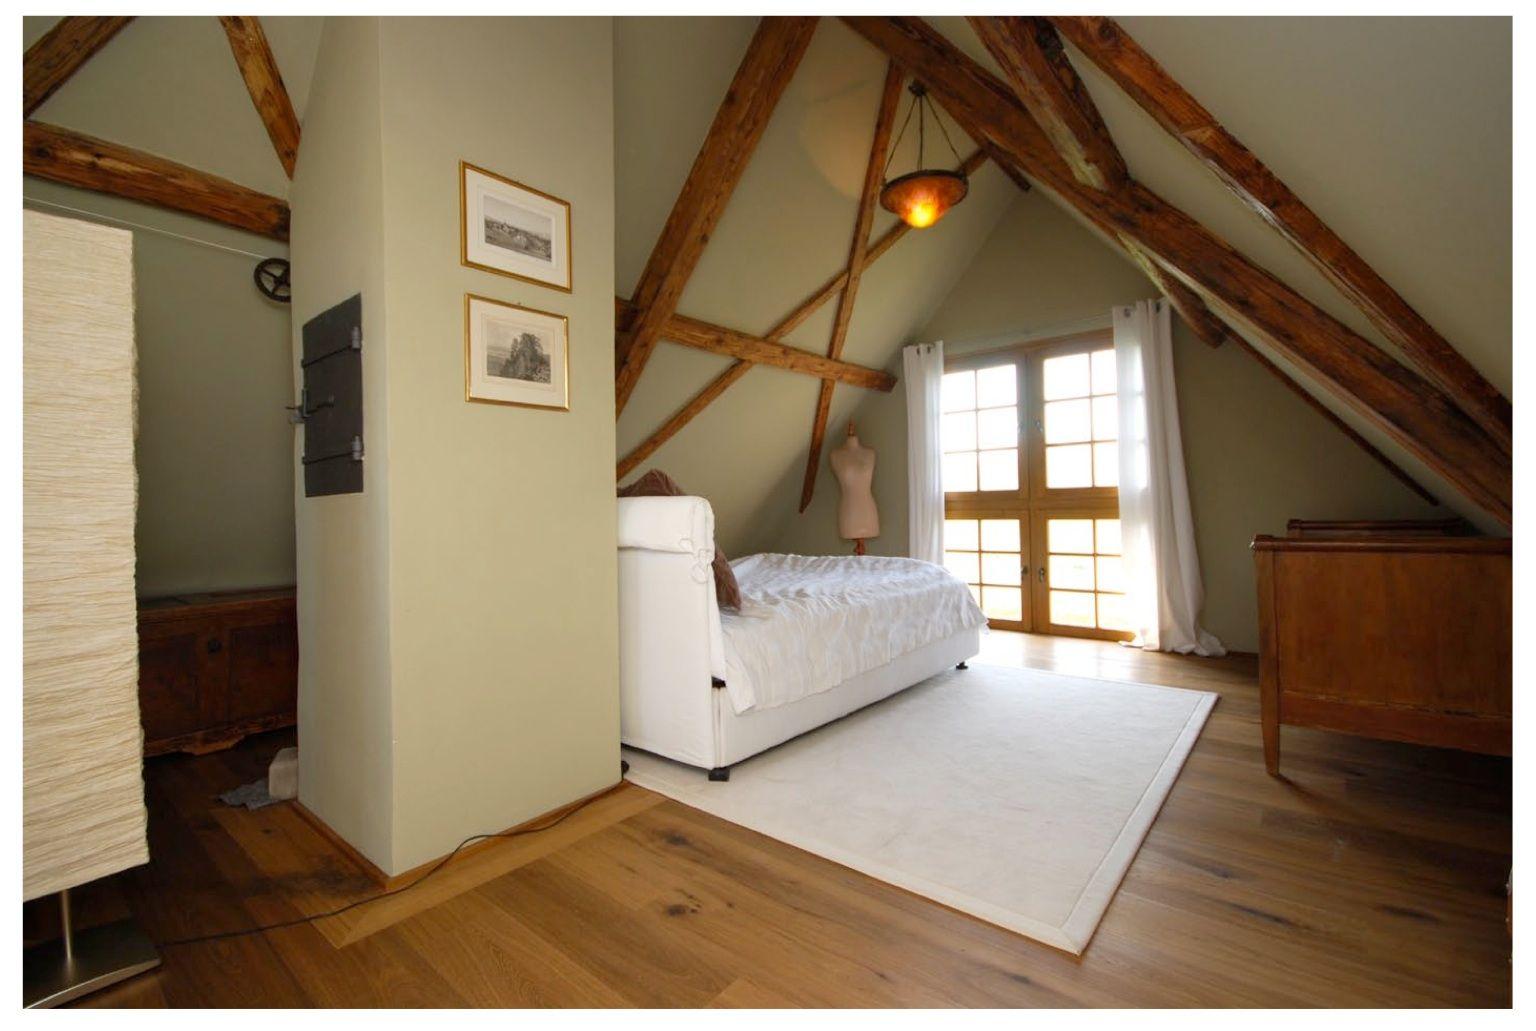 Bedroom, Dachbalken